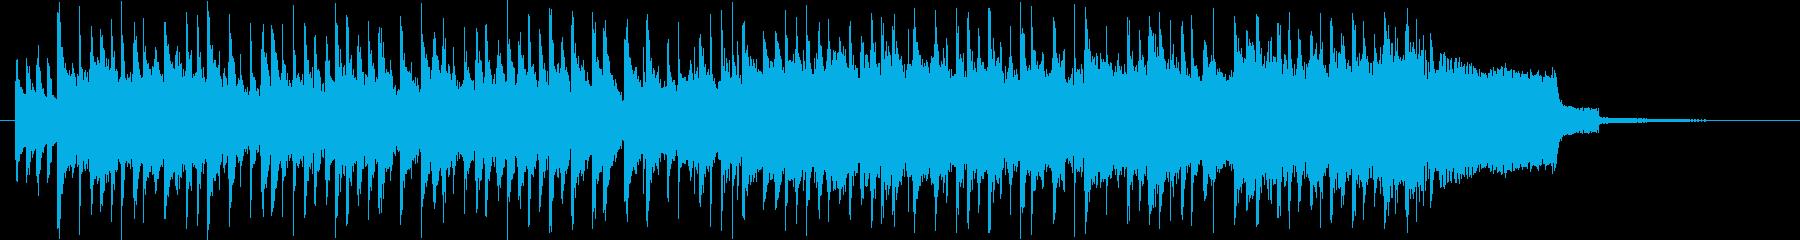 可愛い系日常・学園アニメの次回予告の再生済みの波形